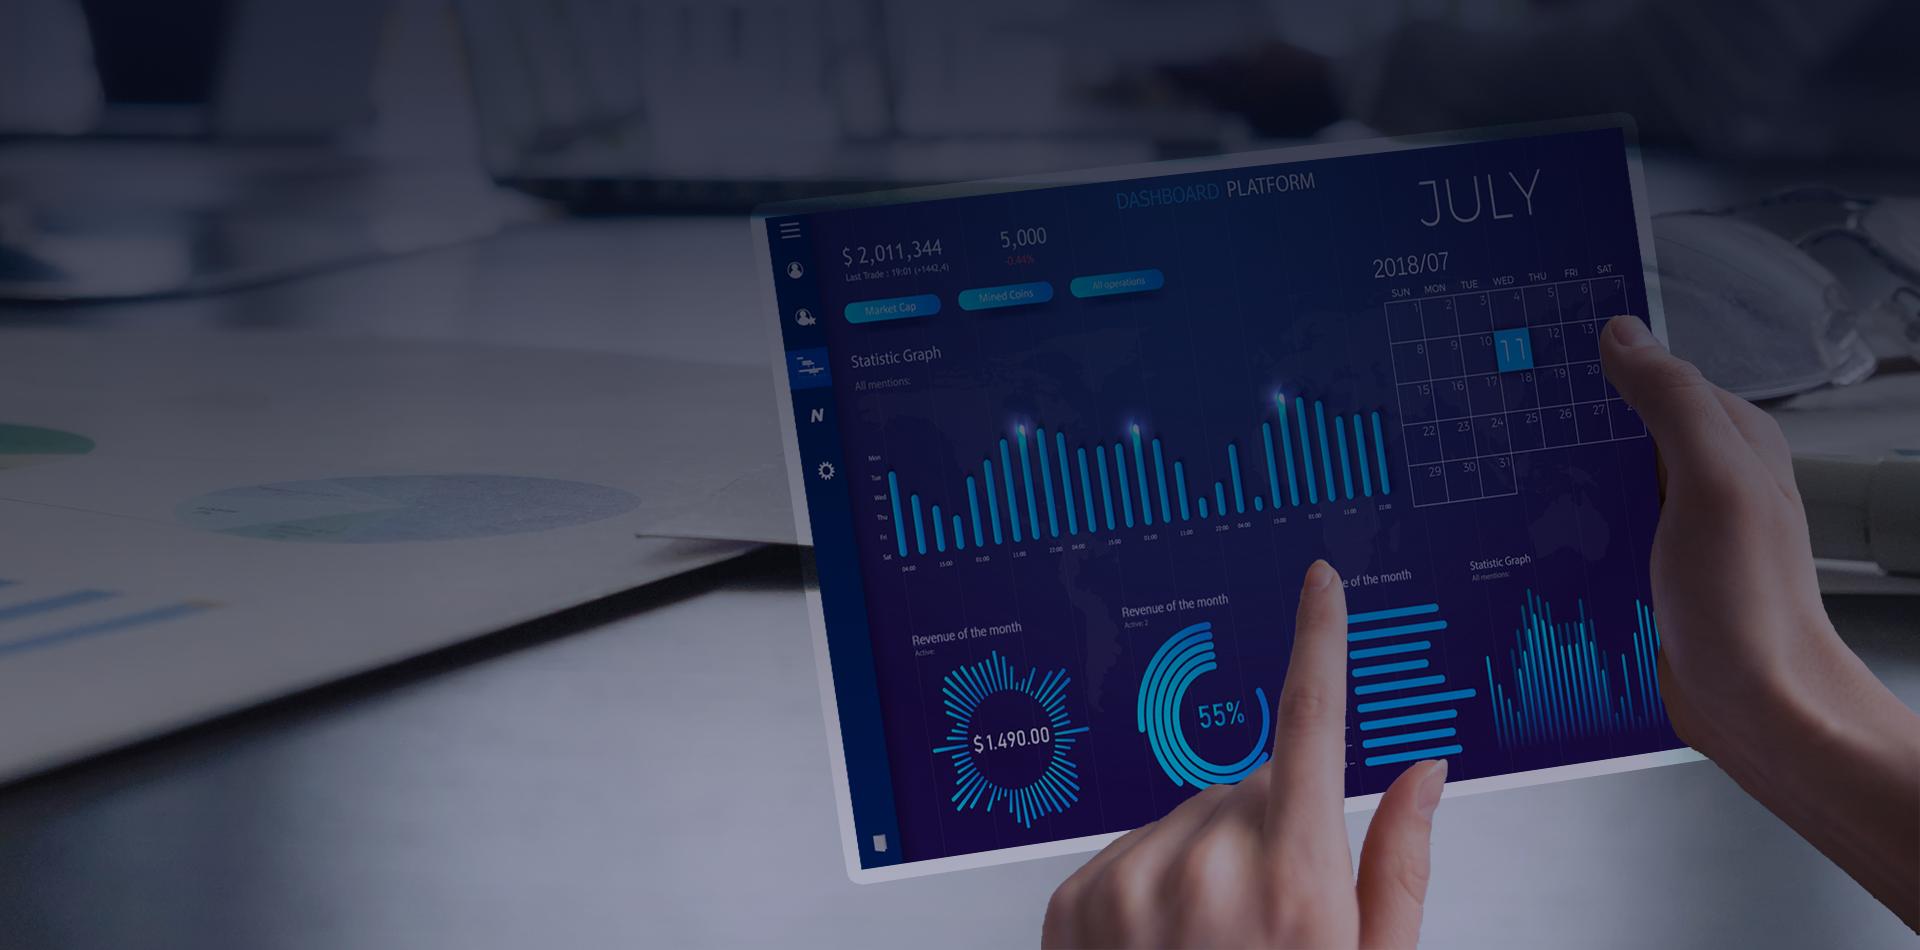 Insurance Claim Data Analytics | Claim Analytics in Health Insurance